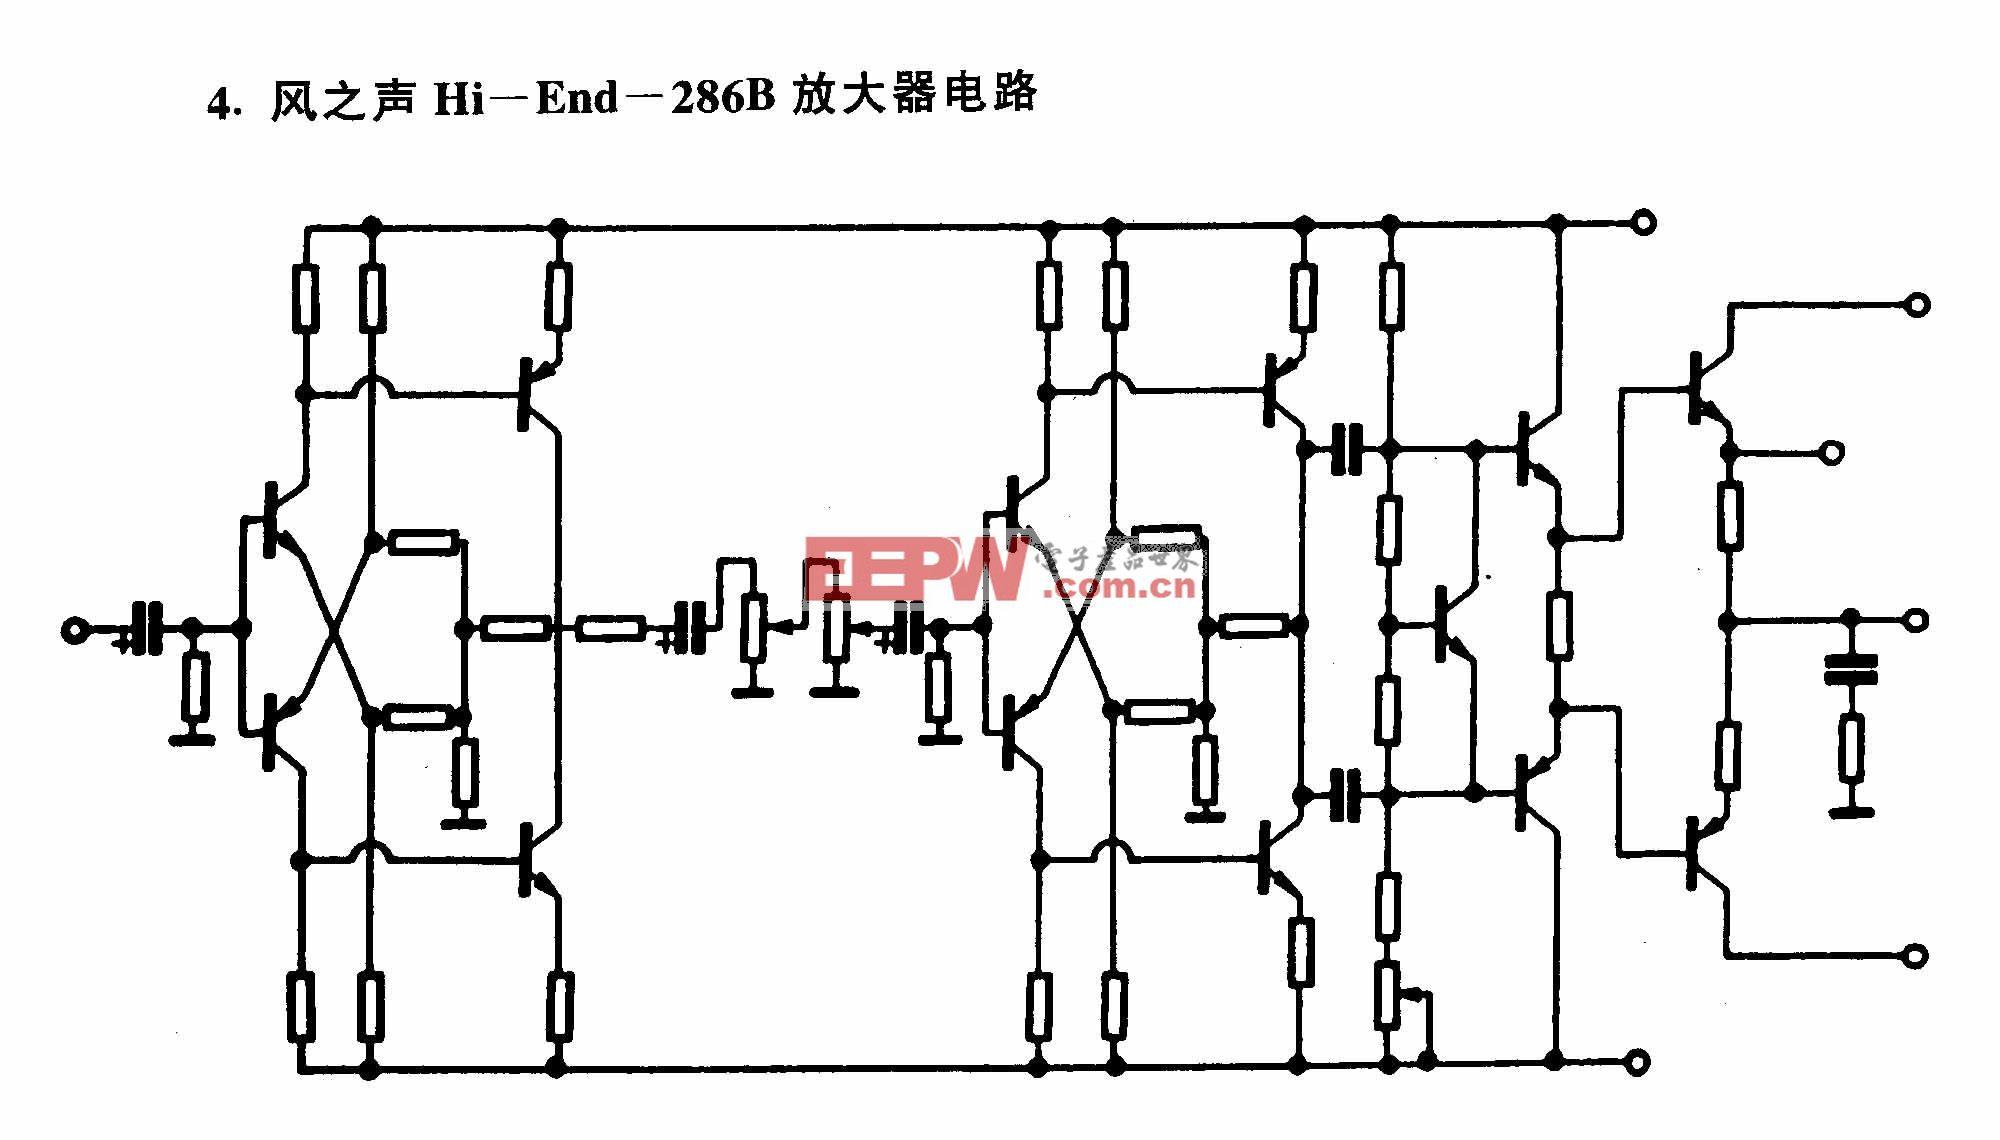 风之声Hi-End-286B放大器电路